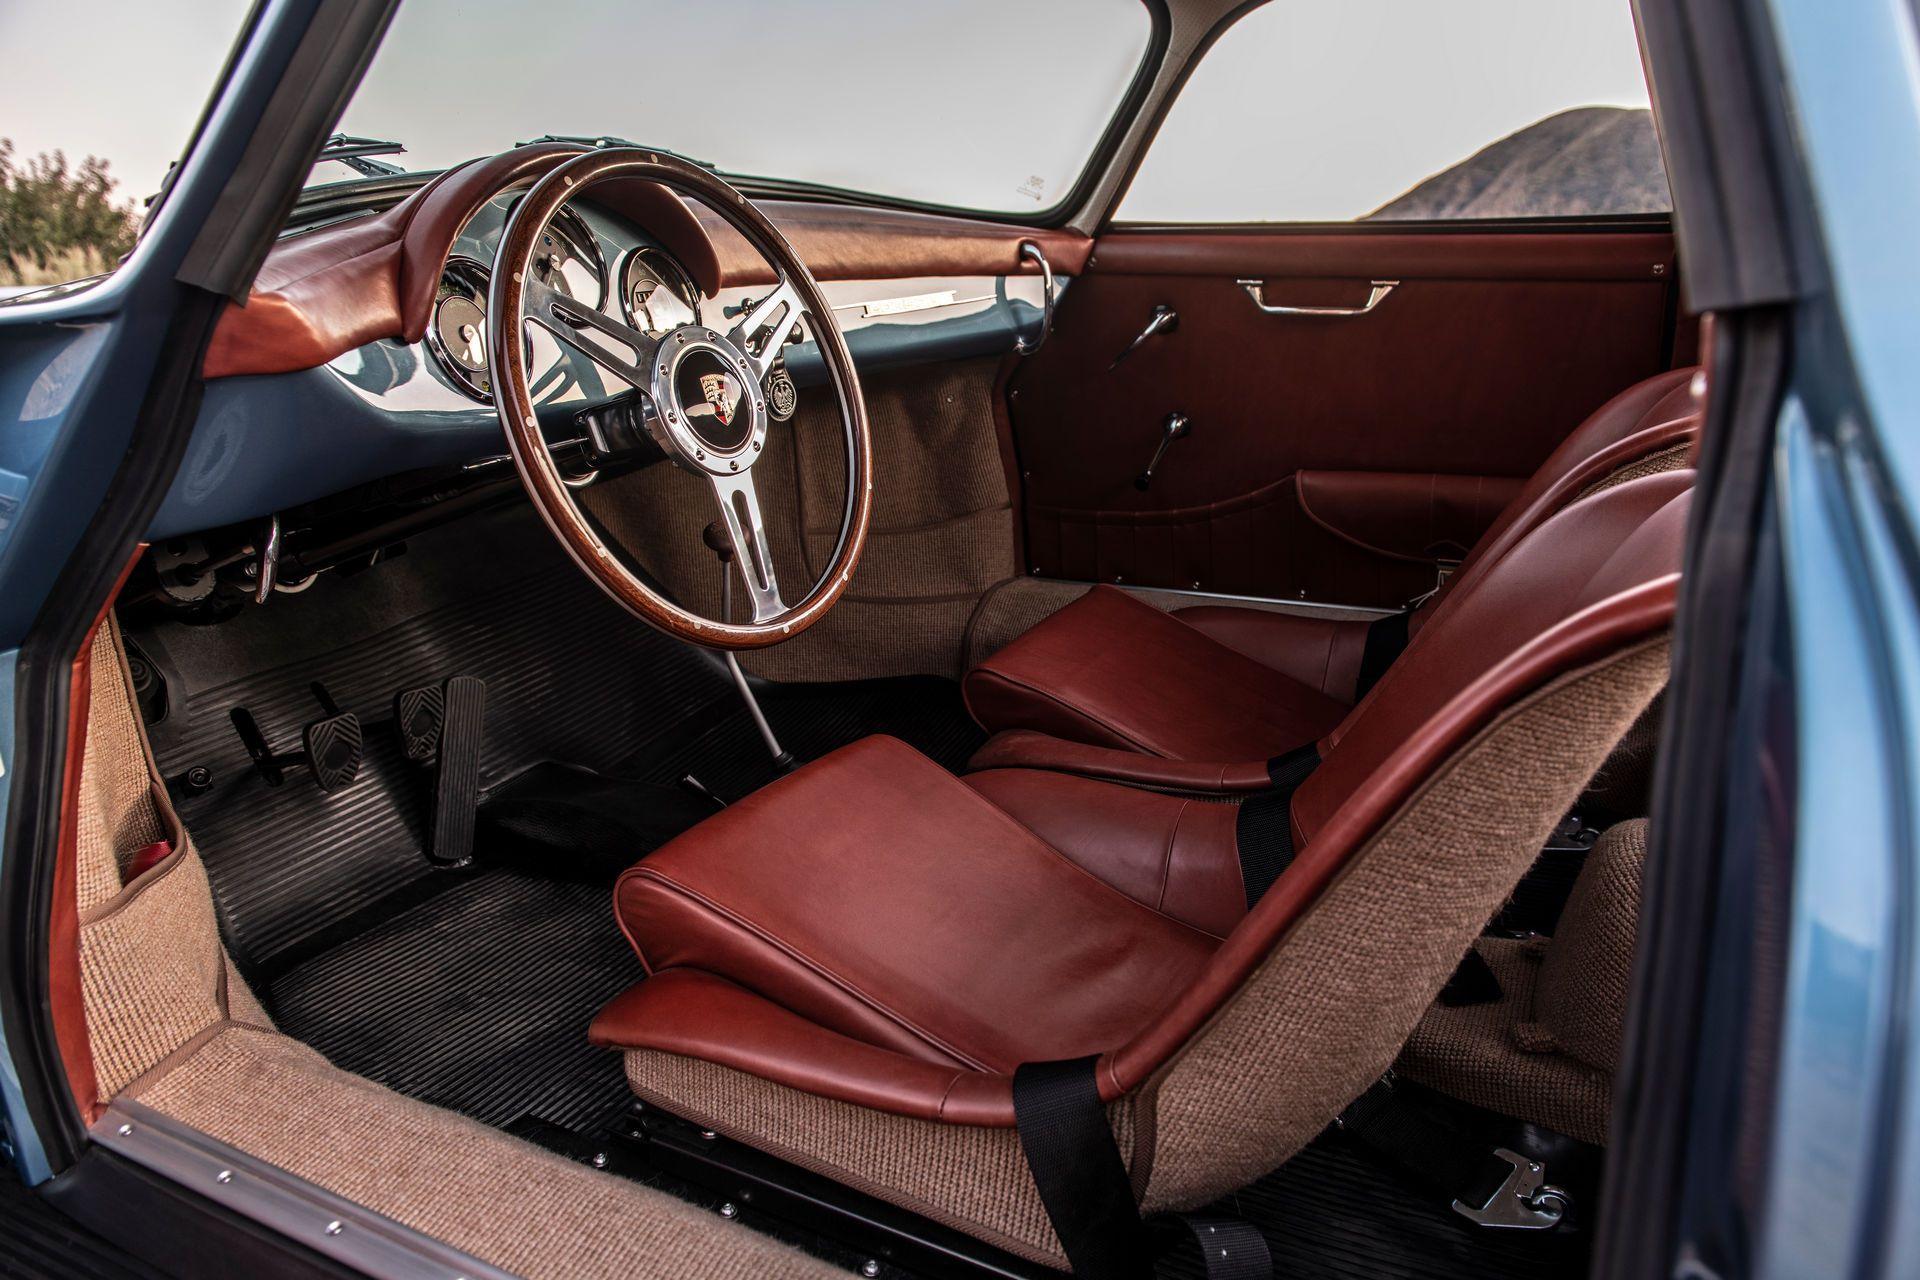 Porsche-356-A-Coupe-Restomod-Emory-Motorsports-44